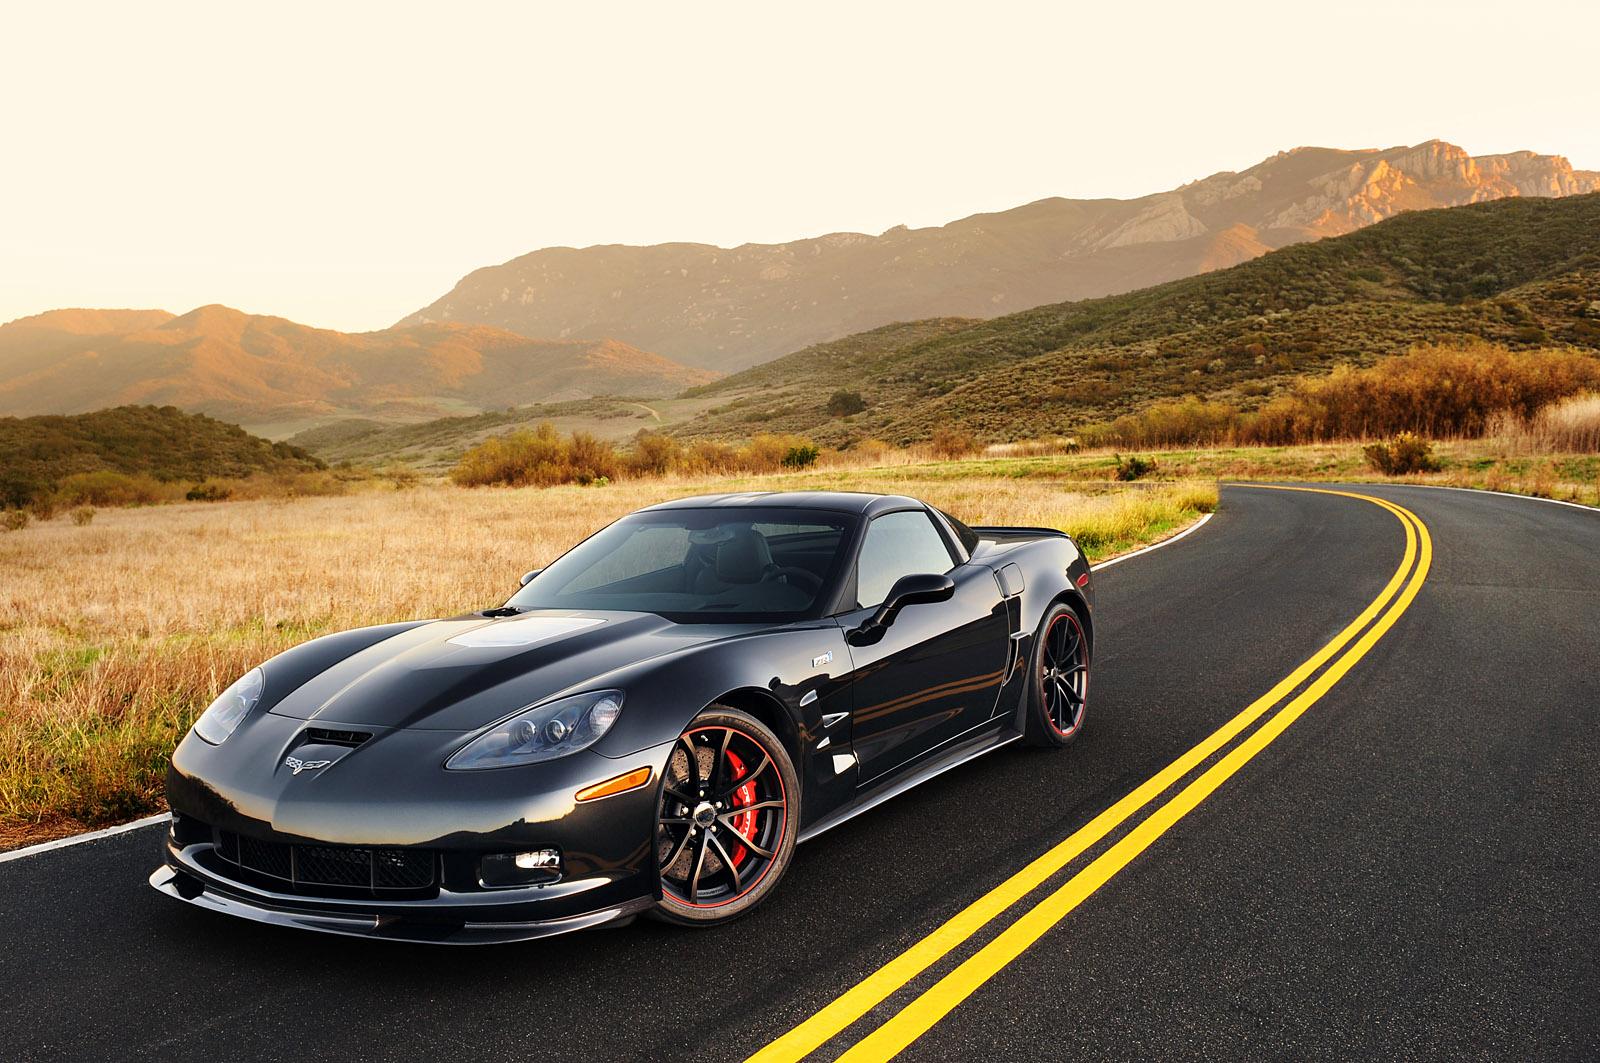 vente de corvette voiture am ricaine en stock. Black Bedroom Furniture Sets. Home Design Ideas